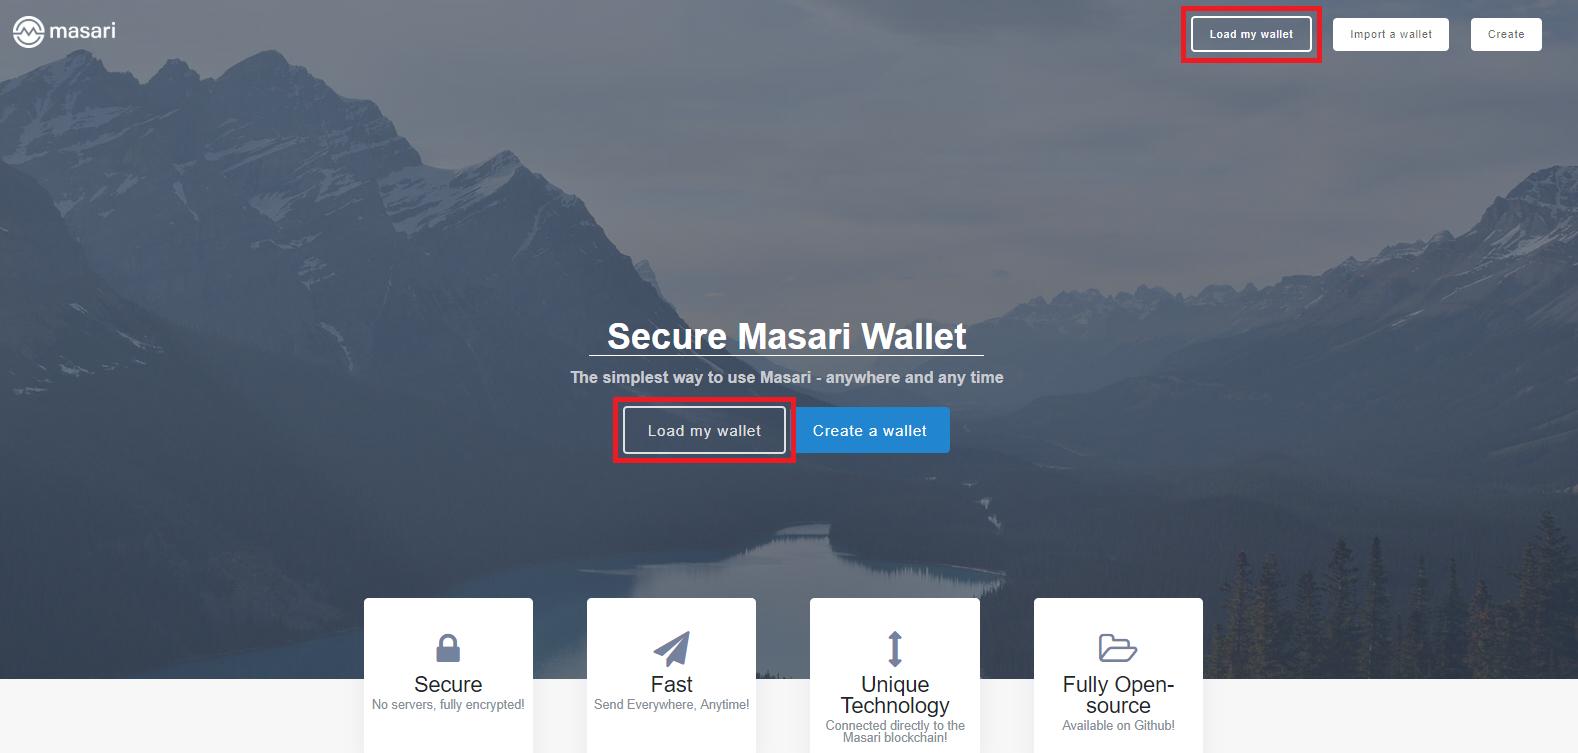 load wallet